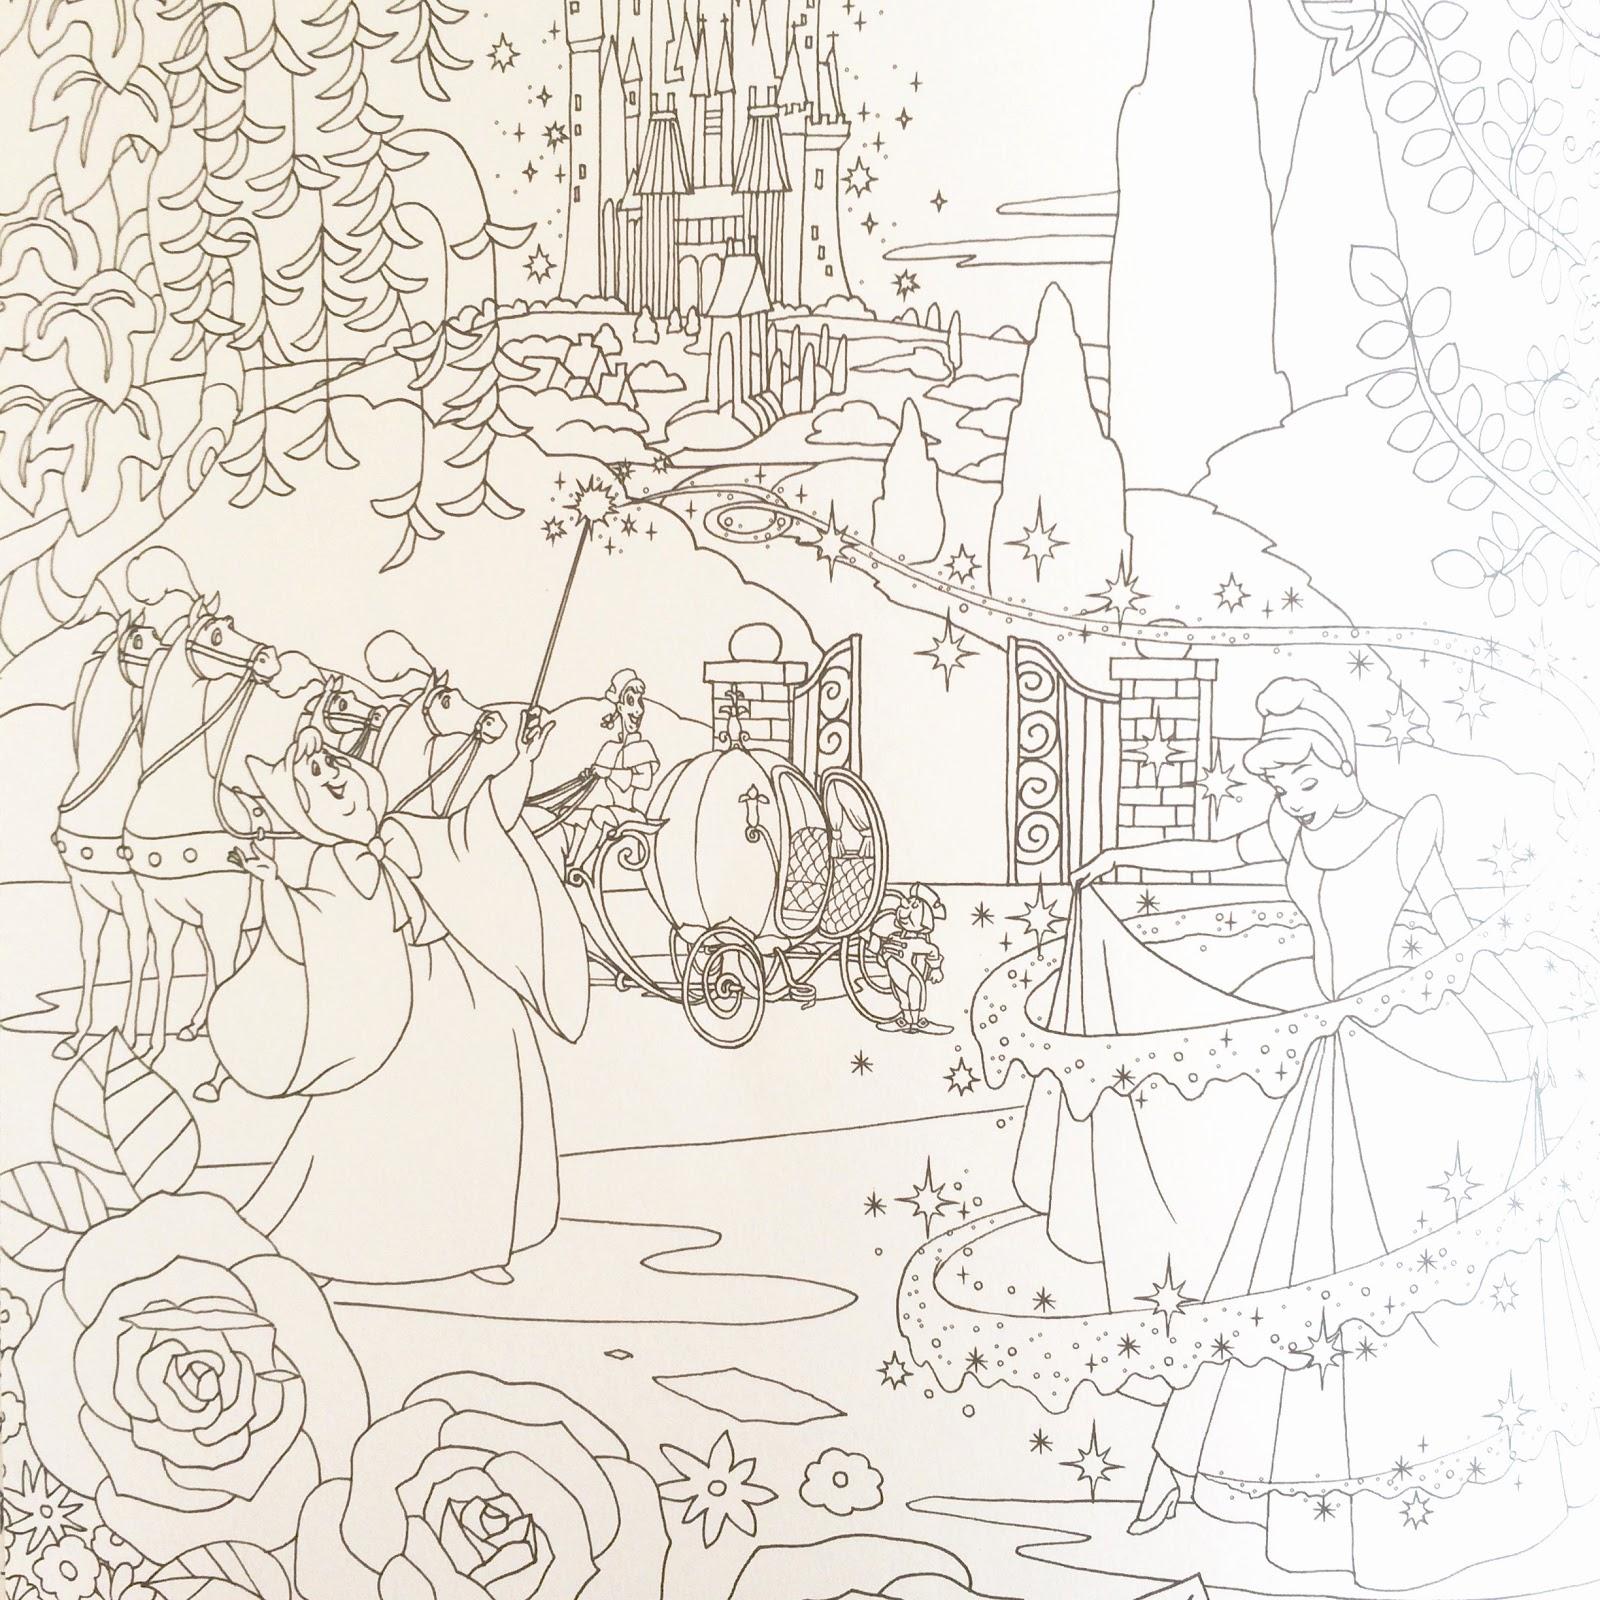 塗り絵 ディズニー 無料 - saruwakakun